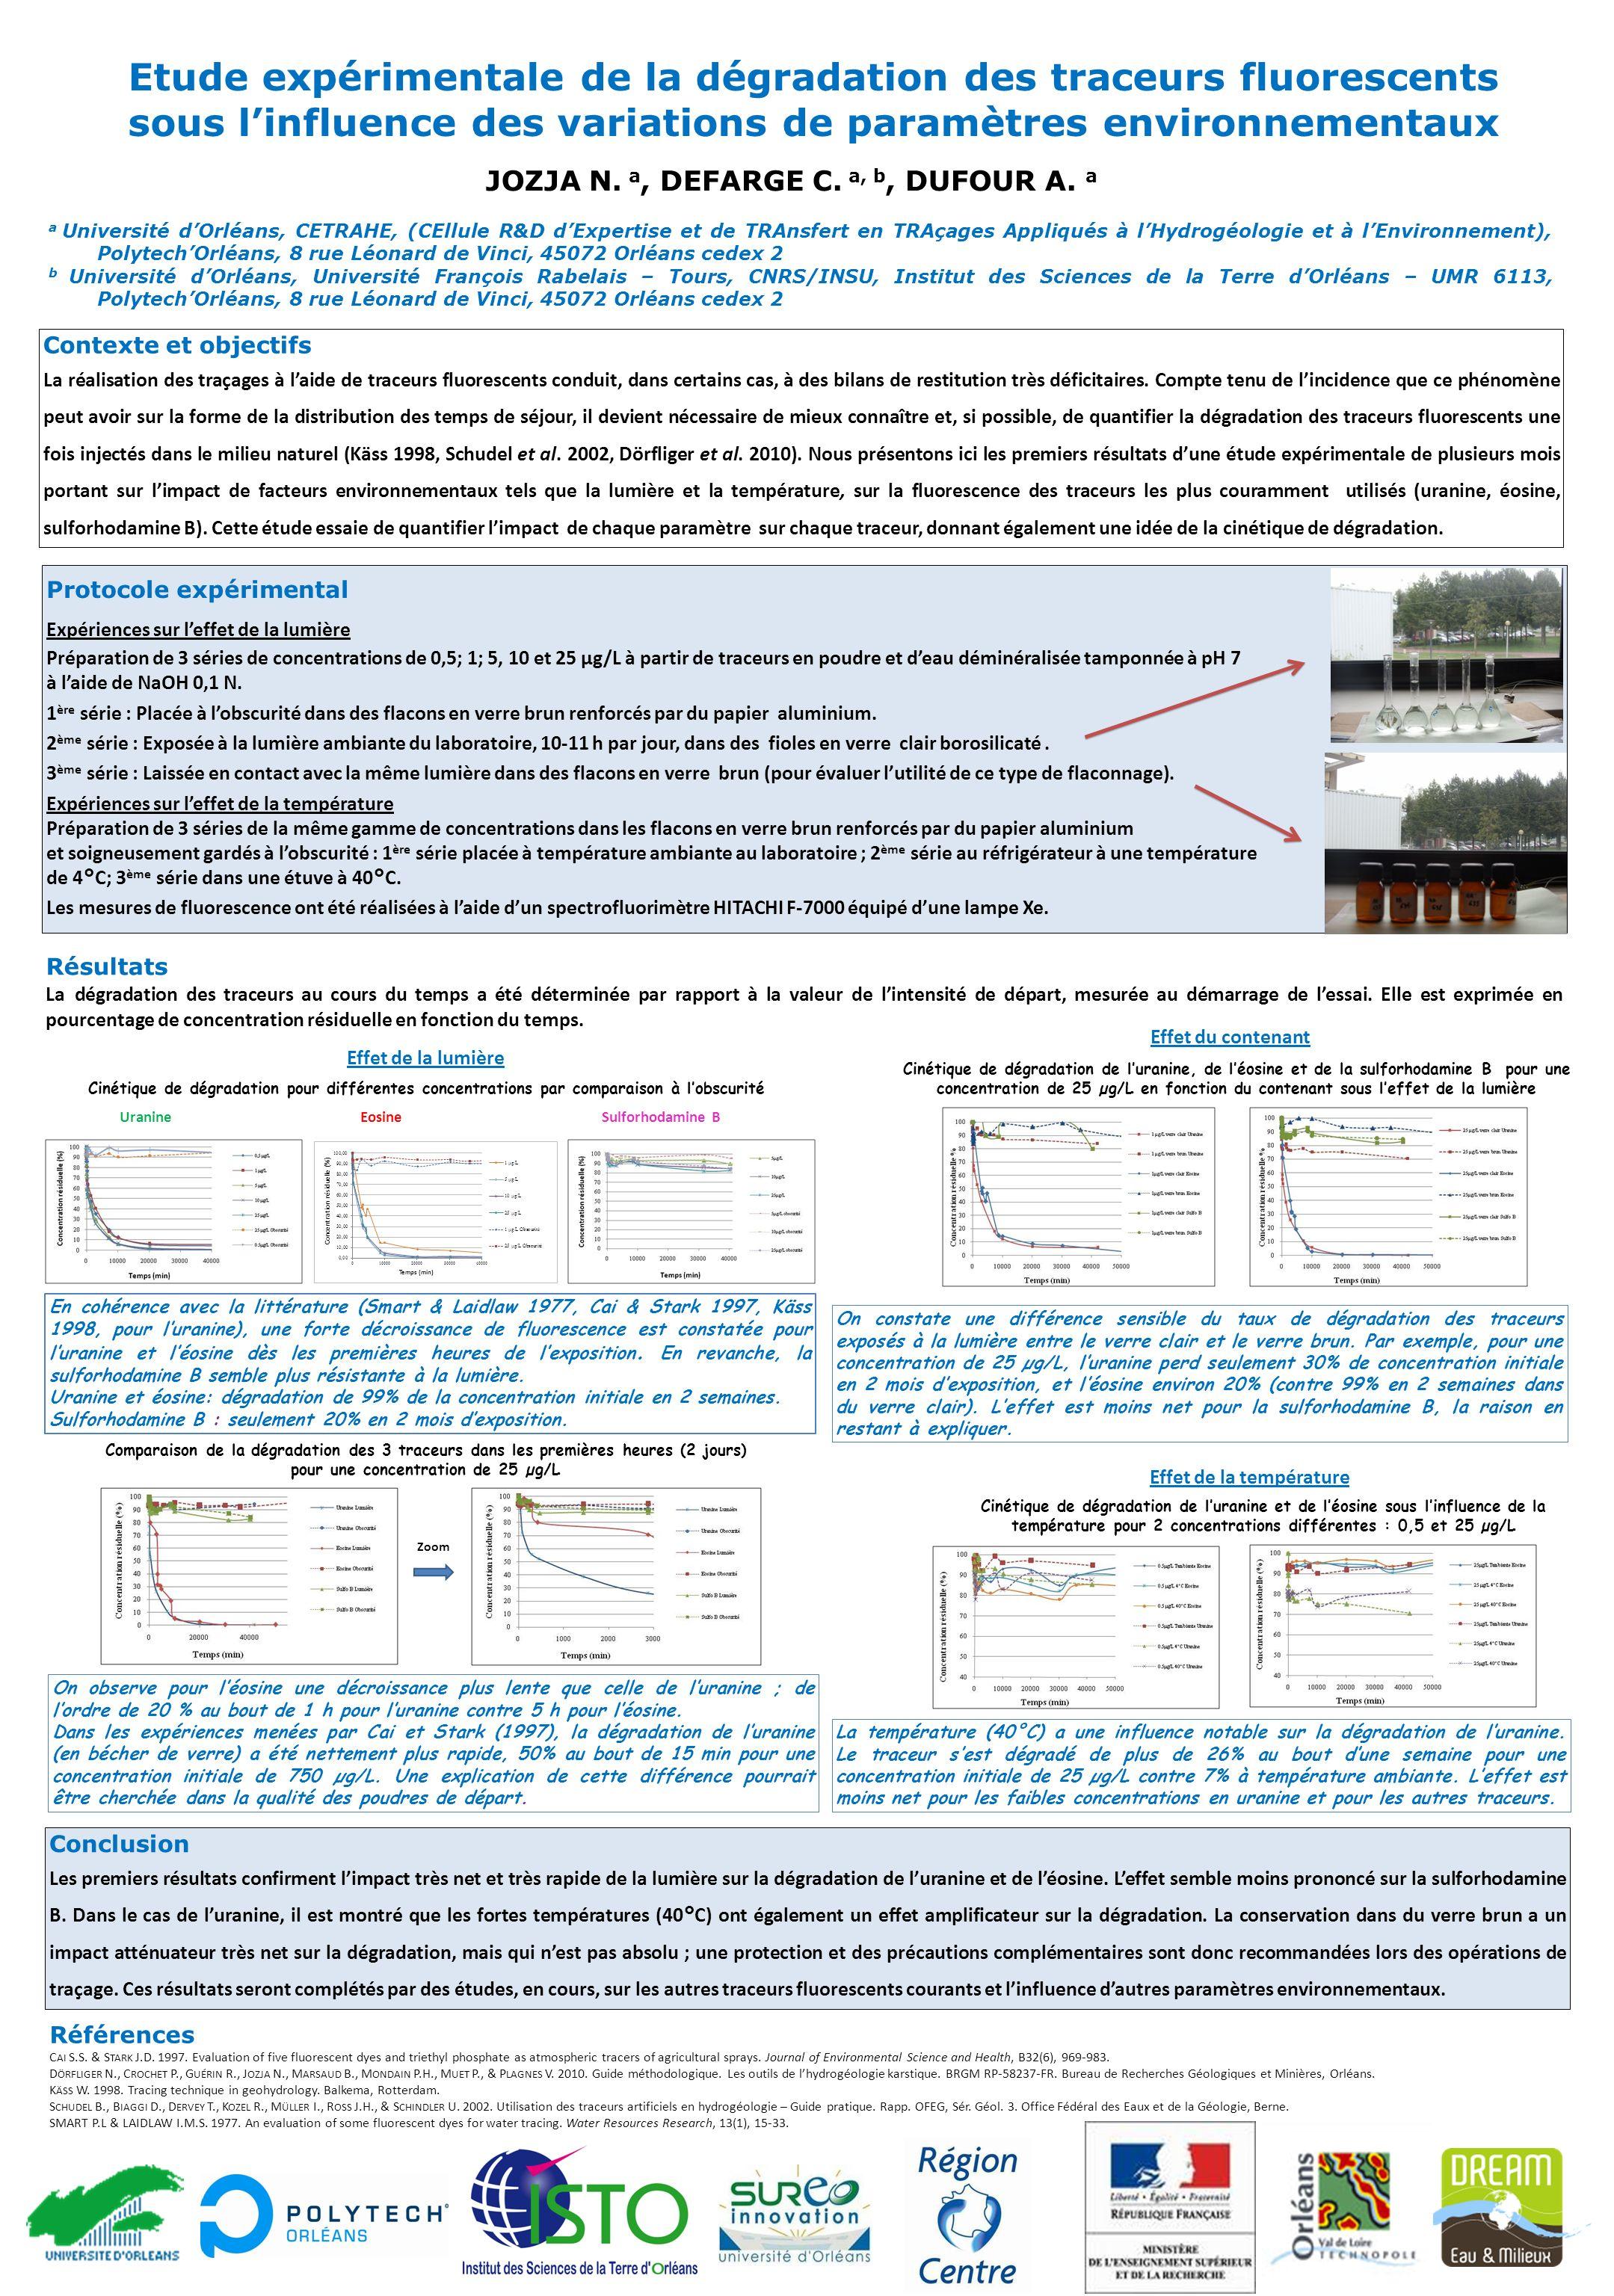 Etude expérimentale de la dégradation des traceurs fluorescents sous l'influence des variations de paramètres environnementaux